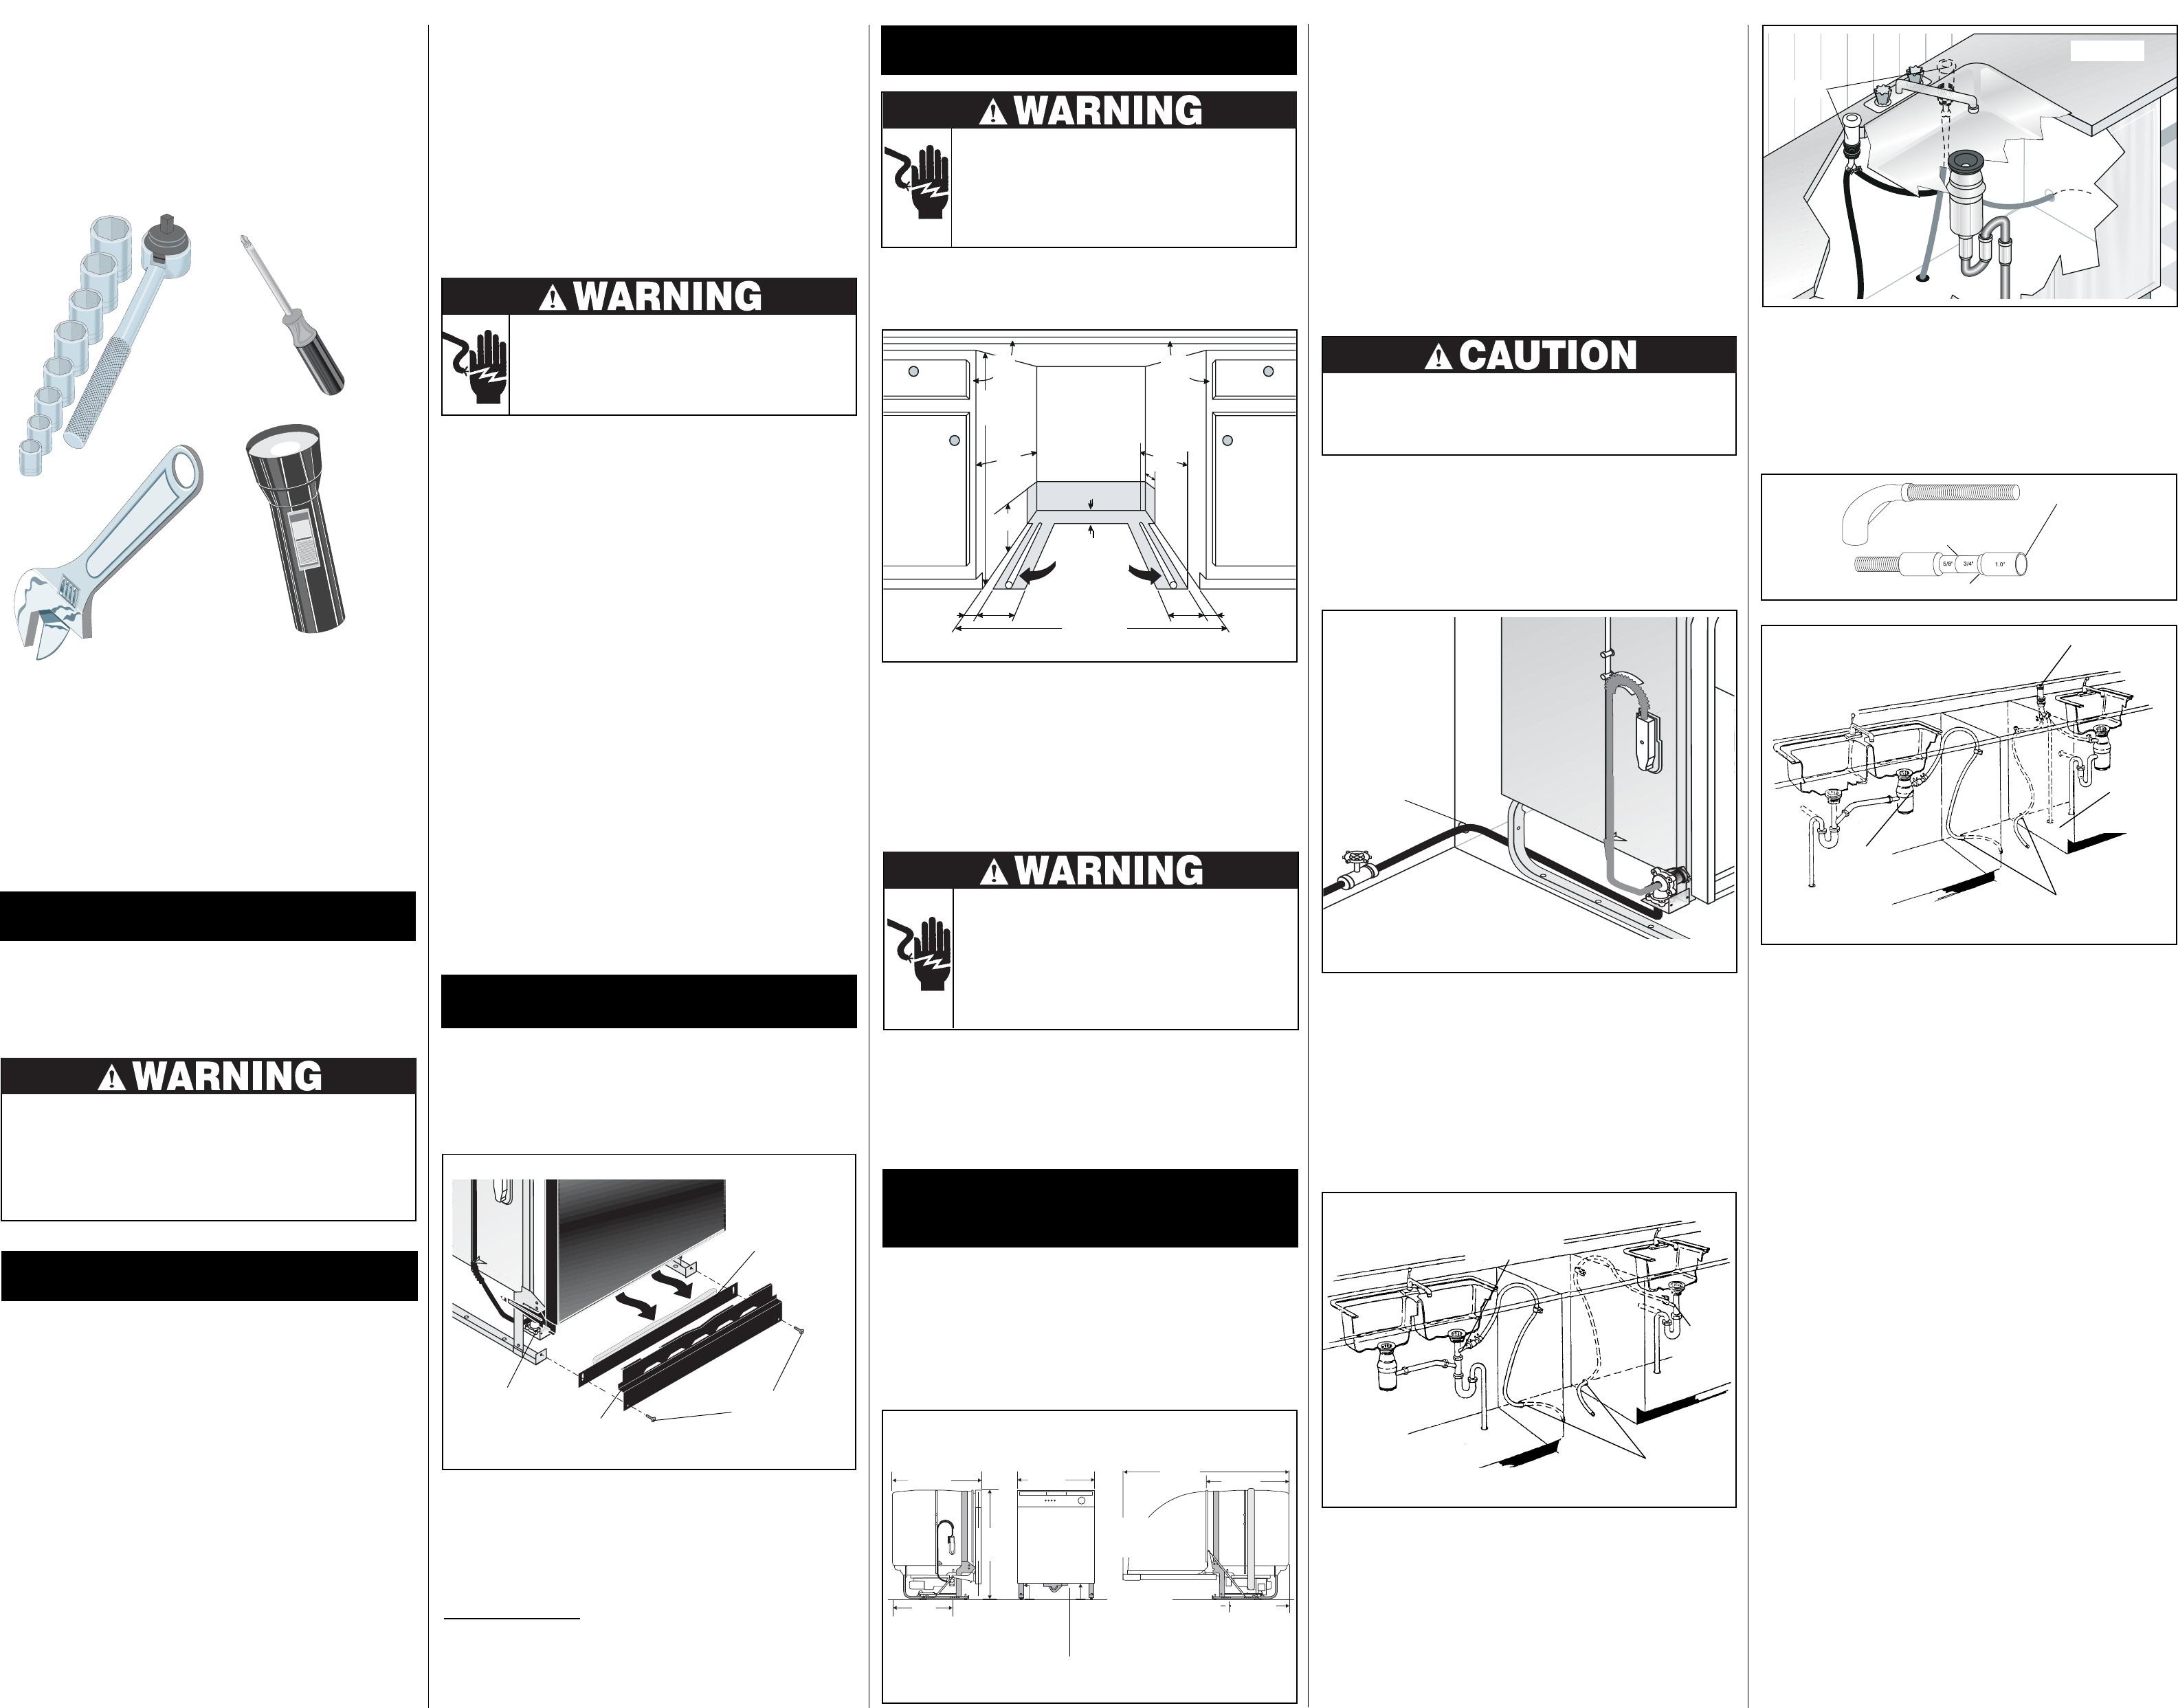 Frigidaire Dishwasher User Manual